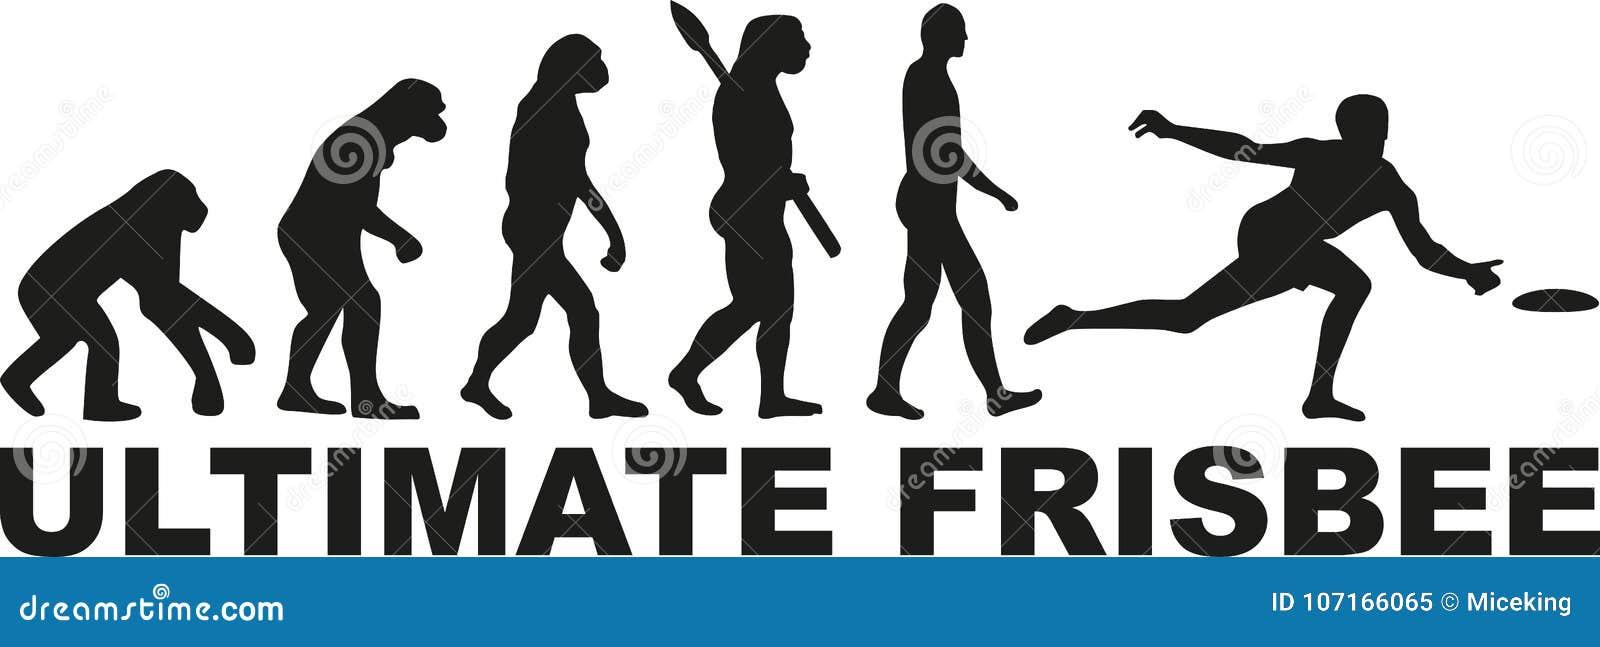 Ostateczna frisbee ewolucja